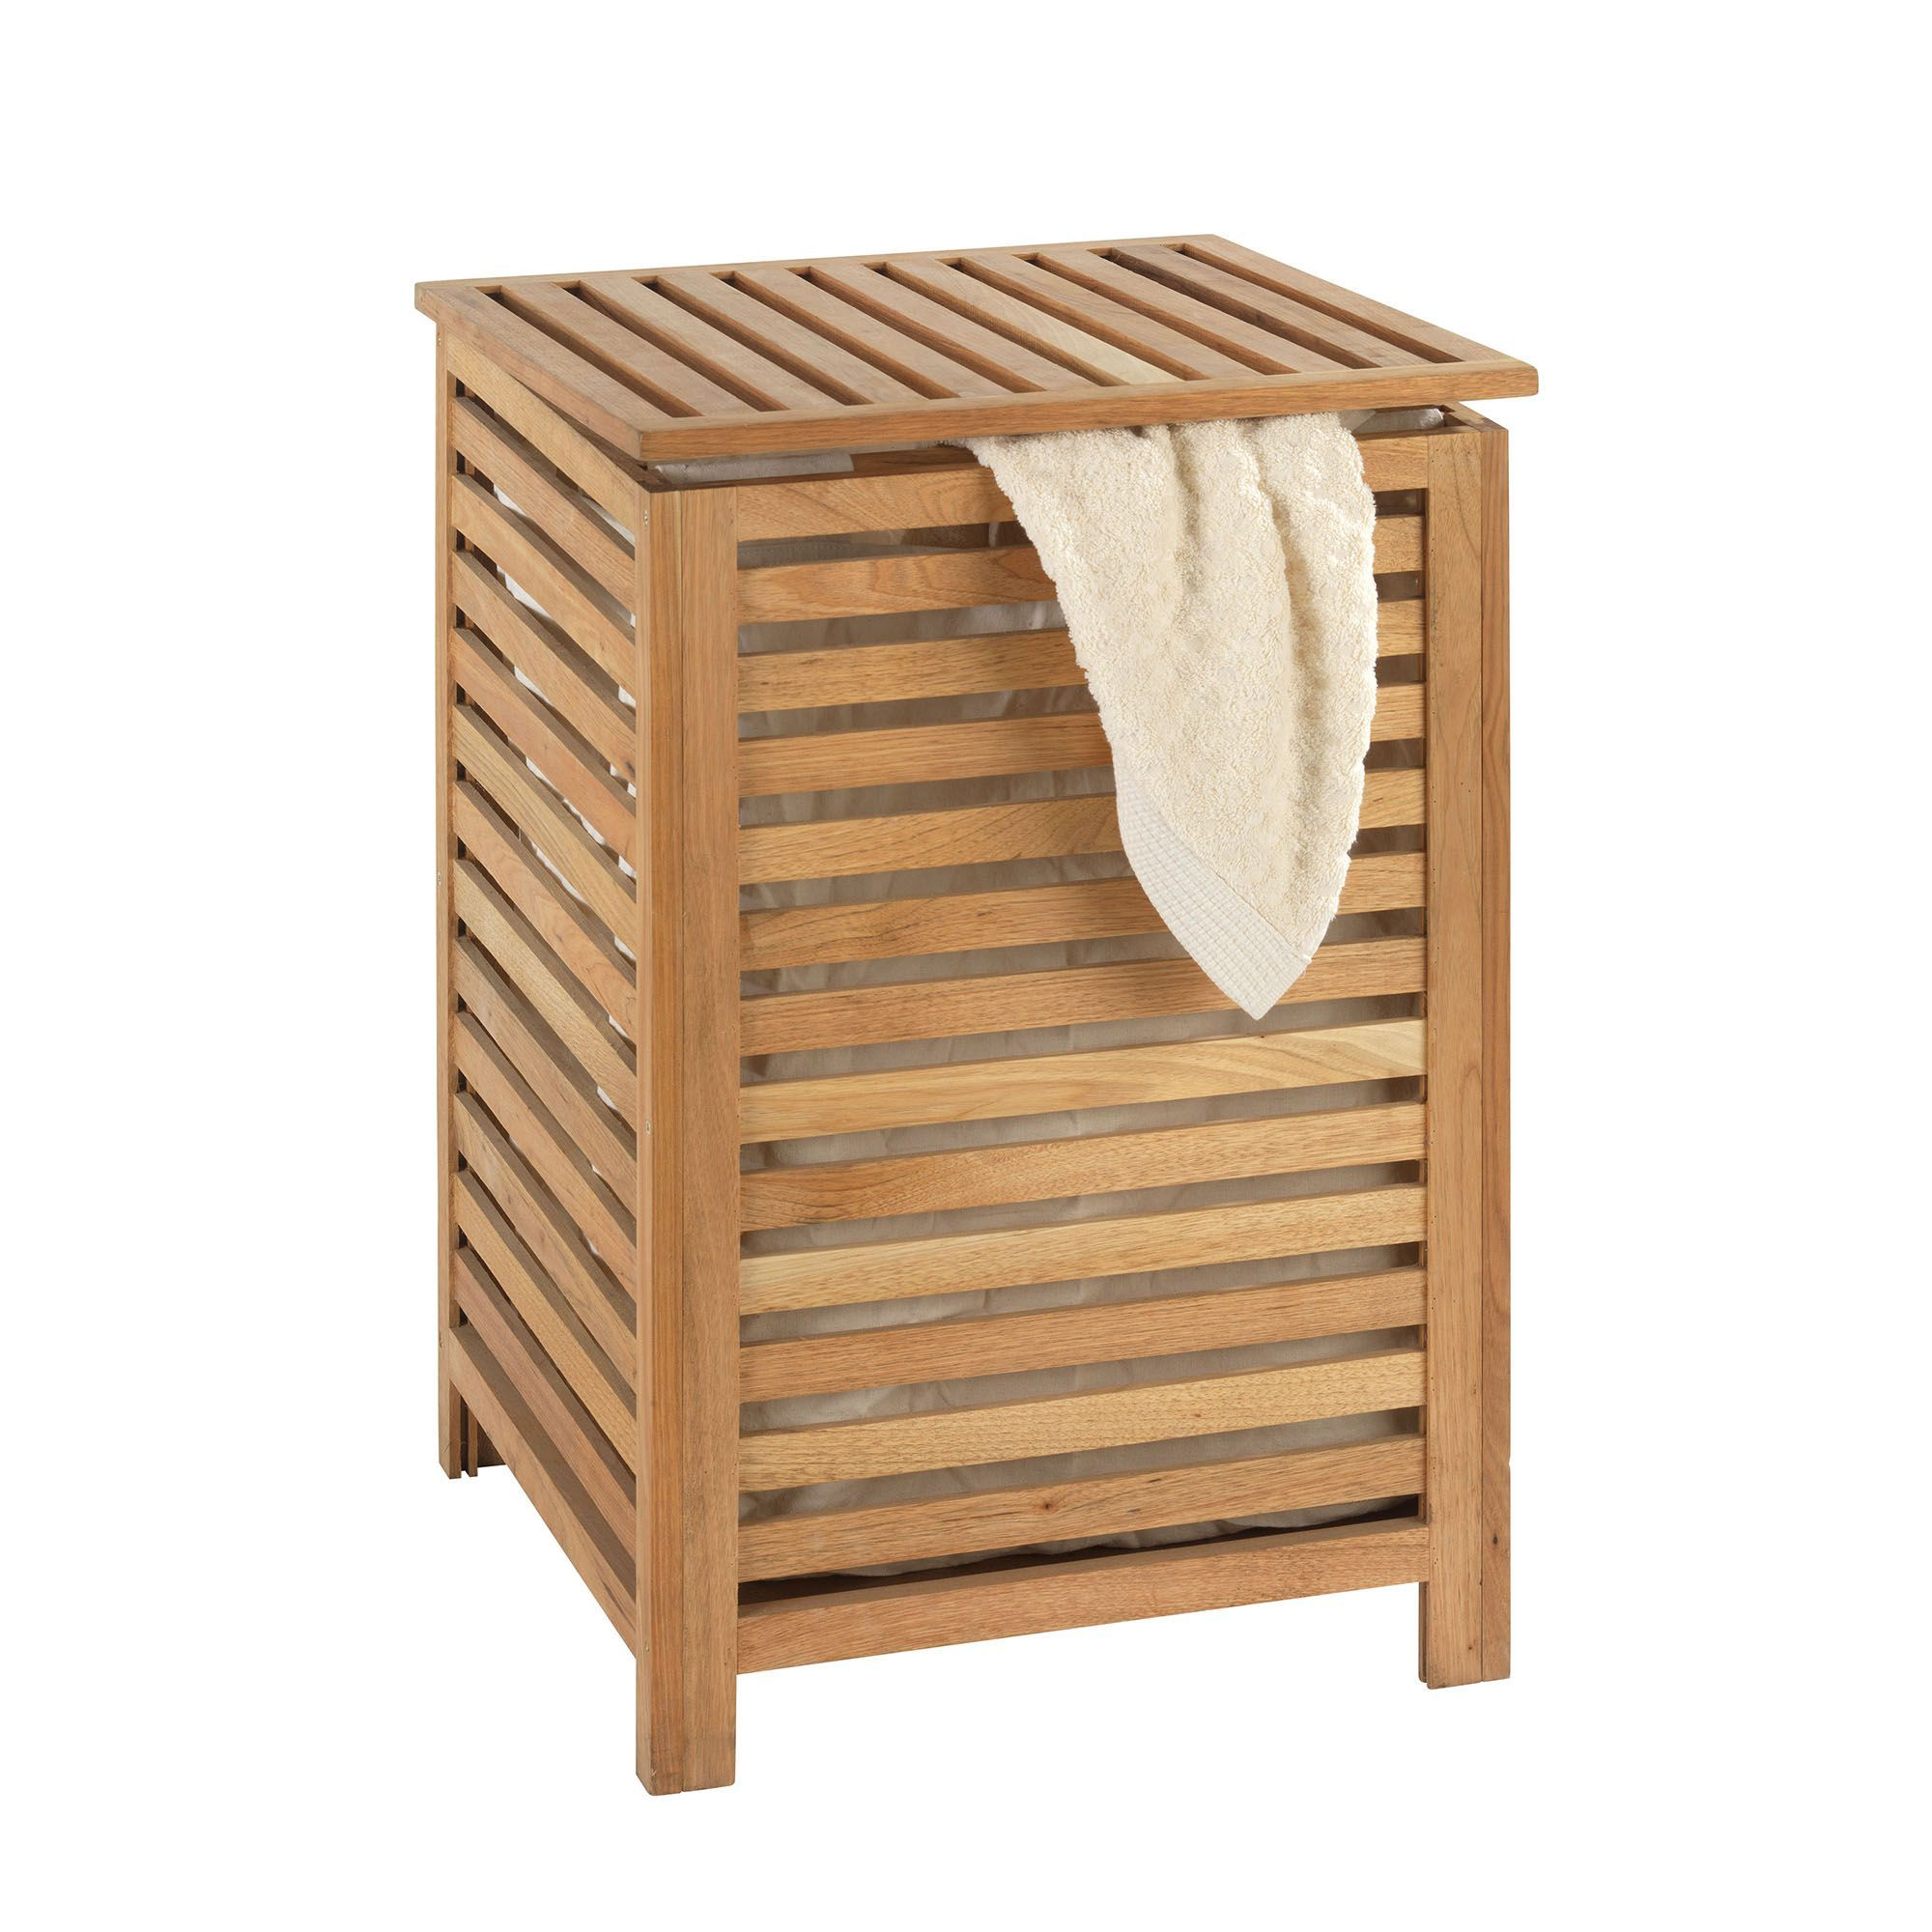 corbeille linge bois woody bain paniers linge accessoires de salle de - Alinea Salle De Bain Accessoires